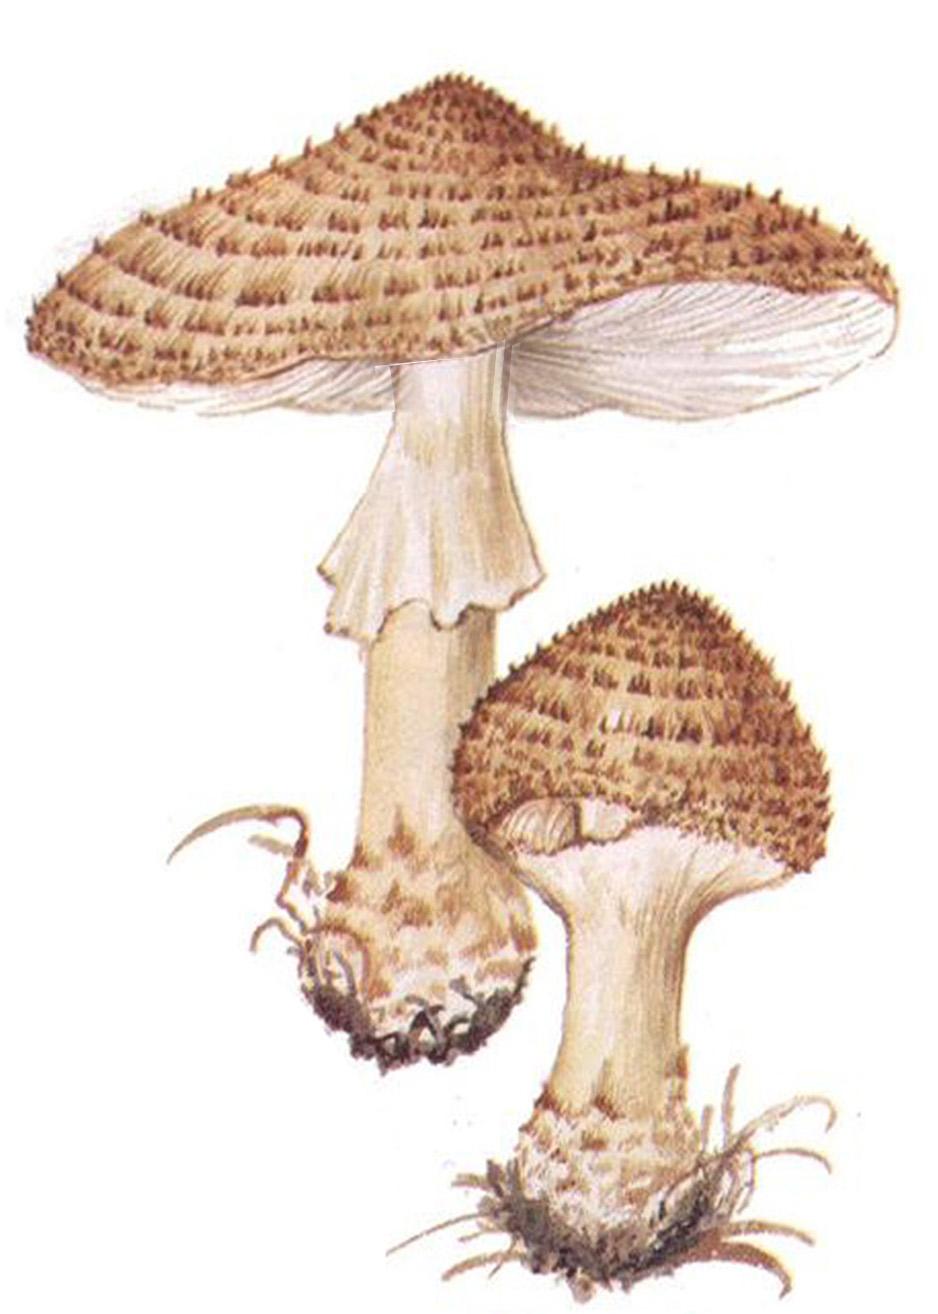 Зонтик чешуйчатый (Lepiota brunneoincarnata)